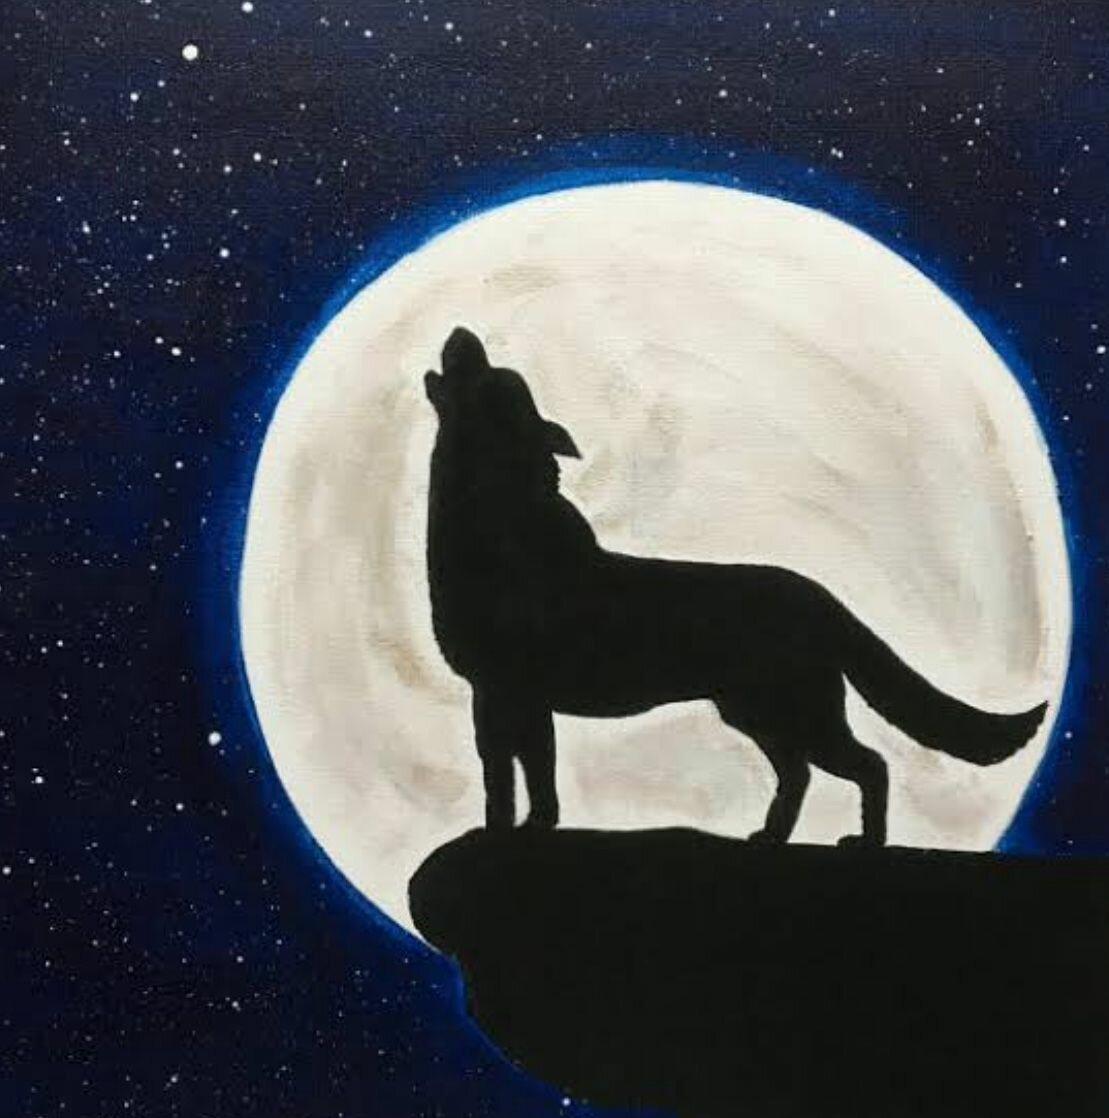 картинка волк рисунка луна отлично подходит, чтобы